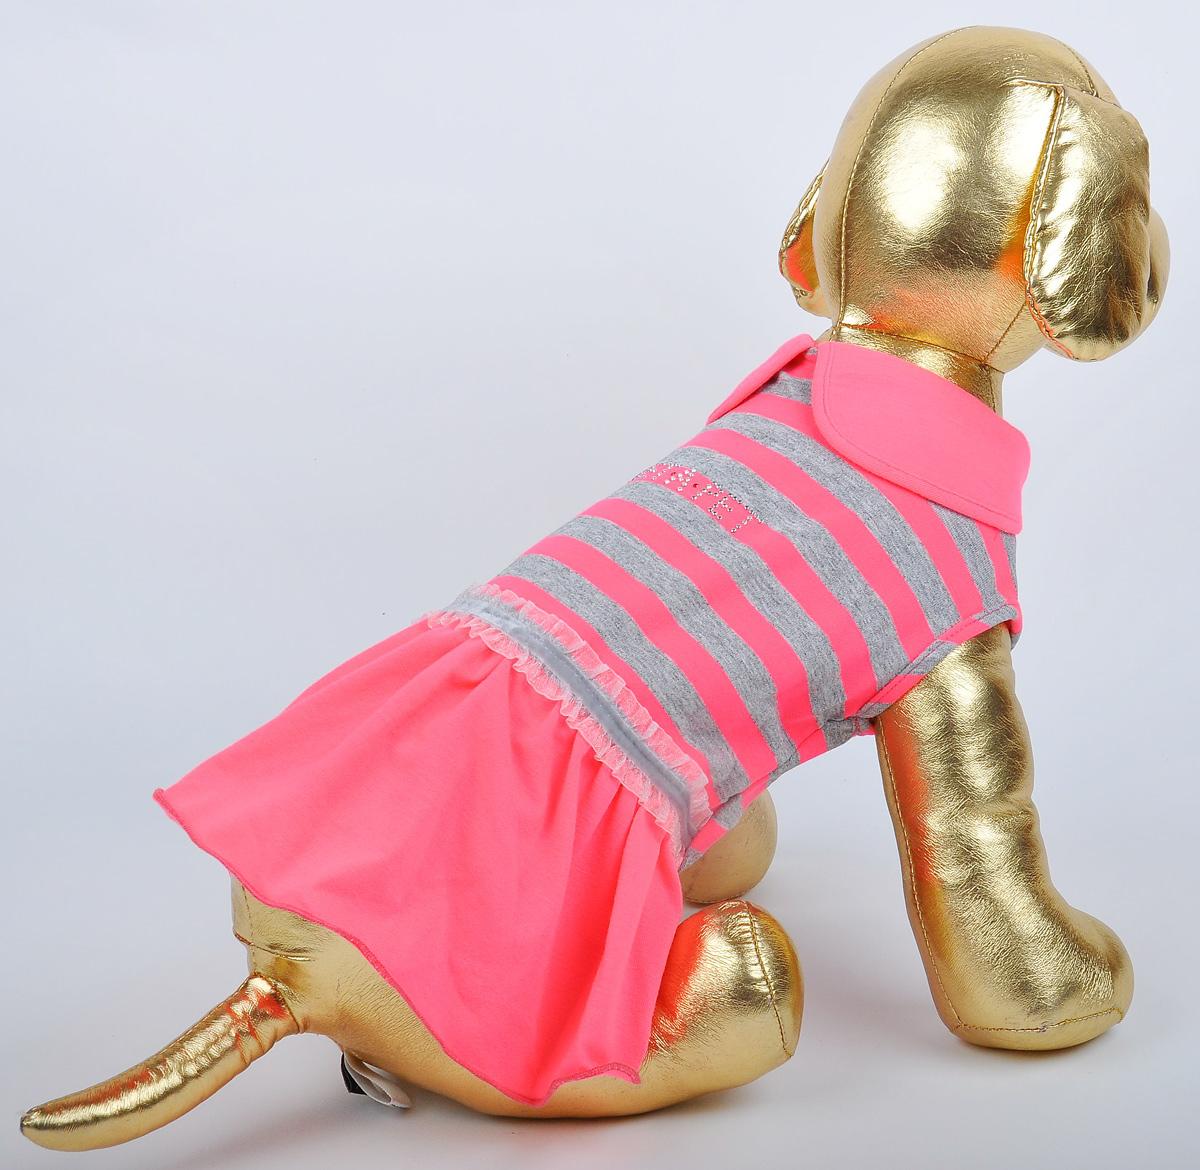 Платье для собак GLG Фэшн Ультра. Размер L0120710Платье для собак GLG Фэшн Ультра выполнено из вискозы. Рукава не ограничивают свободу движений, и собачка будет чувствовать себя в нем комфортно. Изделие застегивается с помощью кнопок..Модное и невероятно удобное платье защитит вашего питомца от пыли и насекомых на улице, согреет дома или на даче. Длина спины: 28-30 см Обхват груди: 43-45 см.